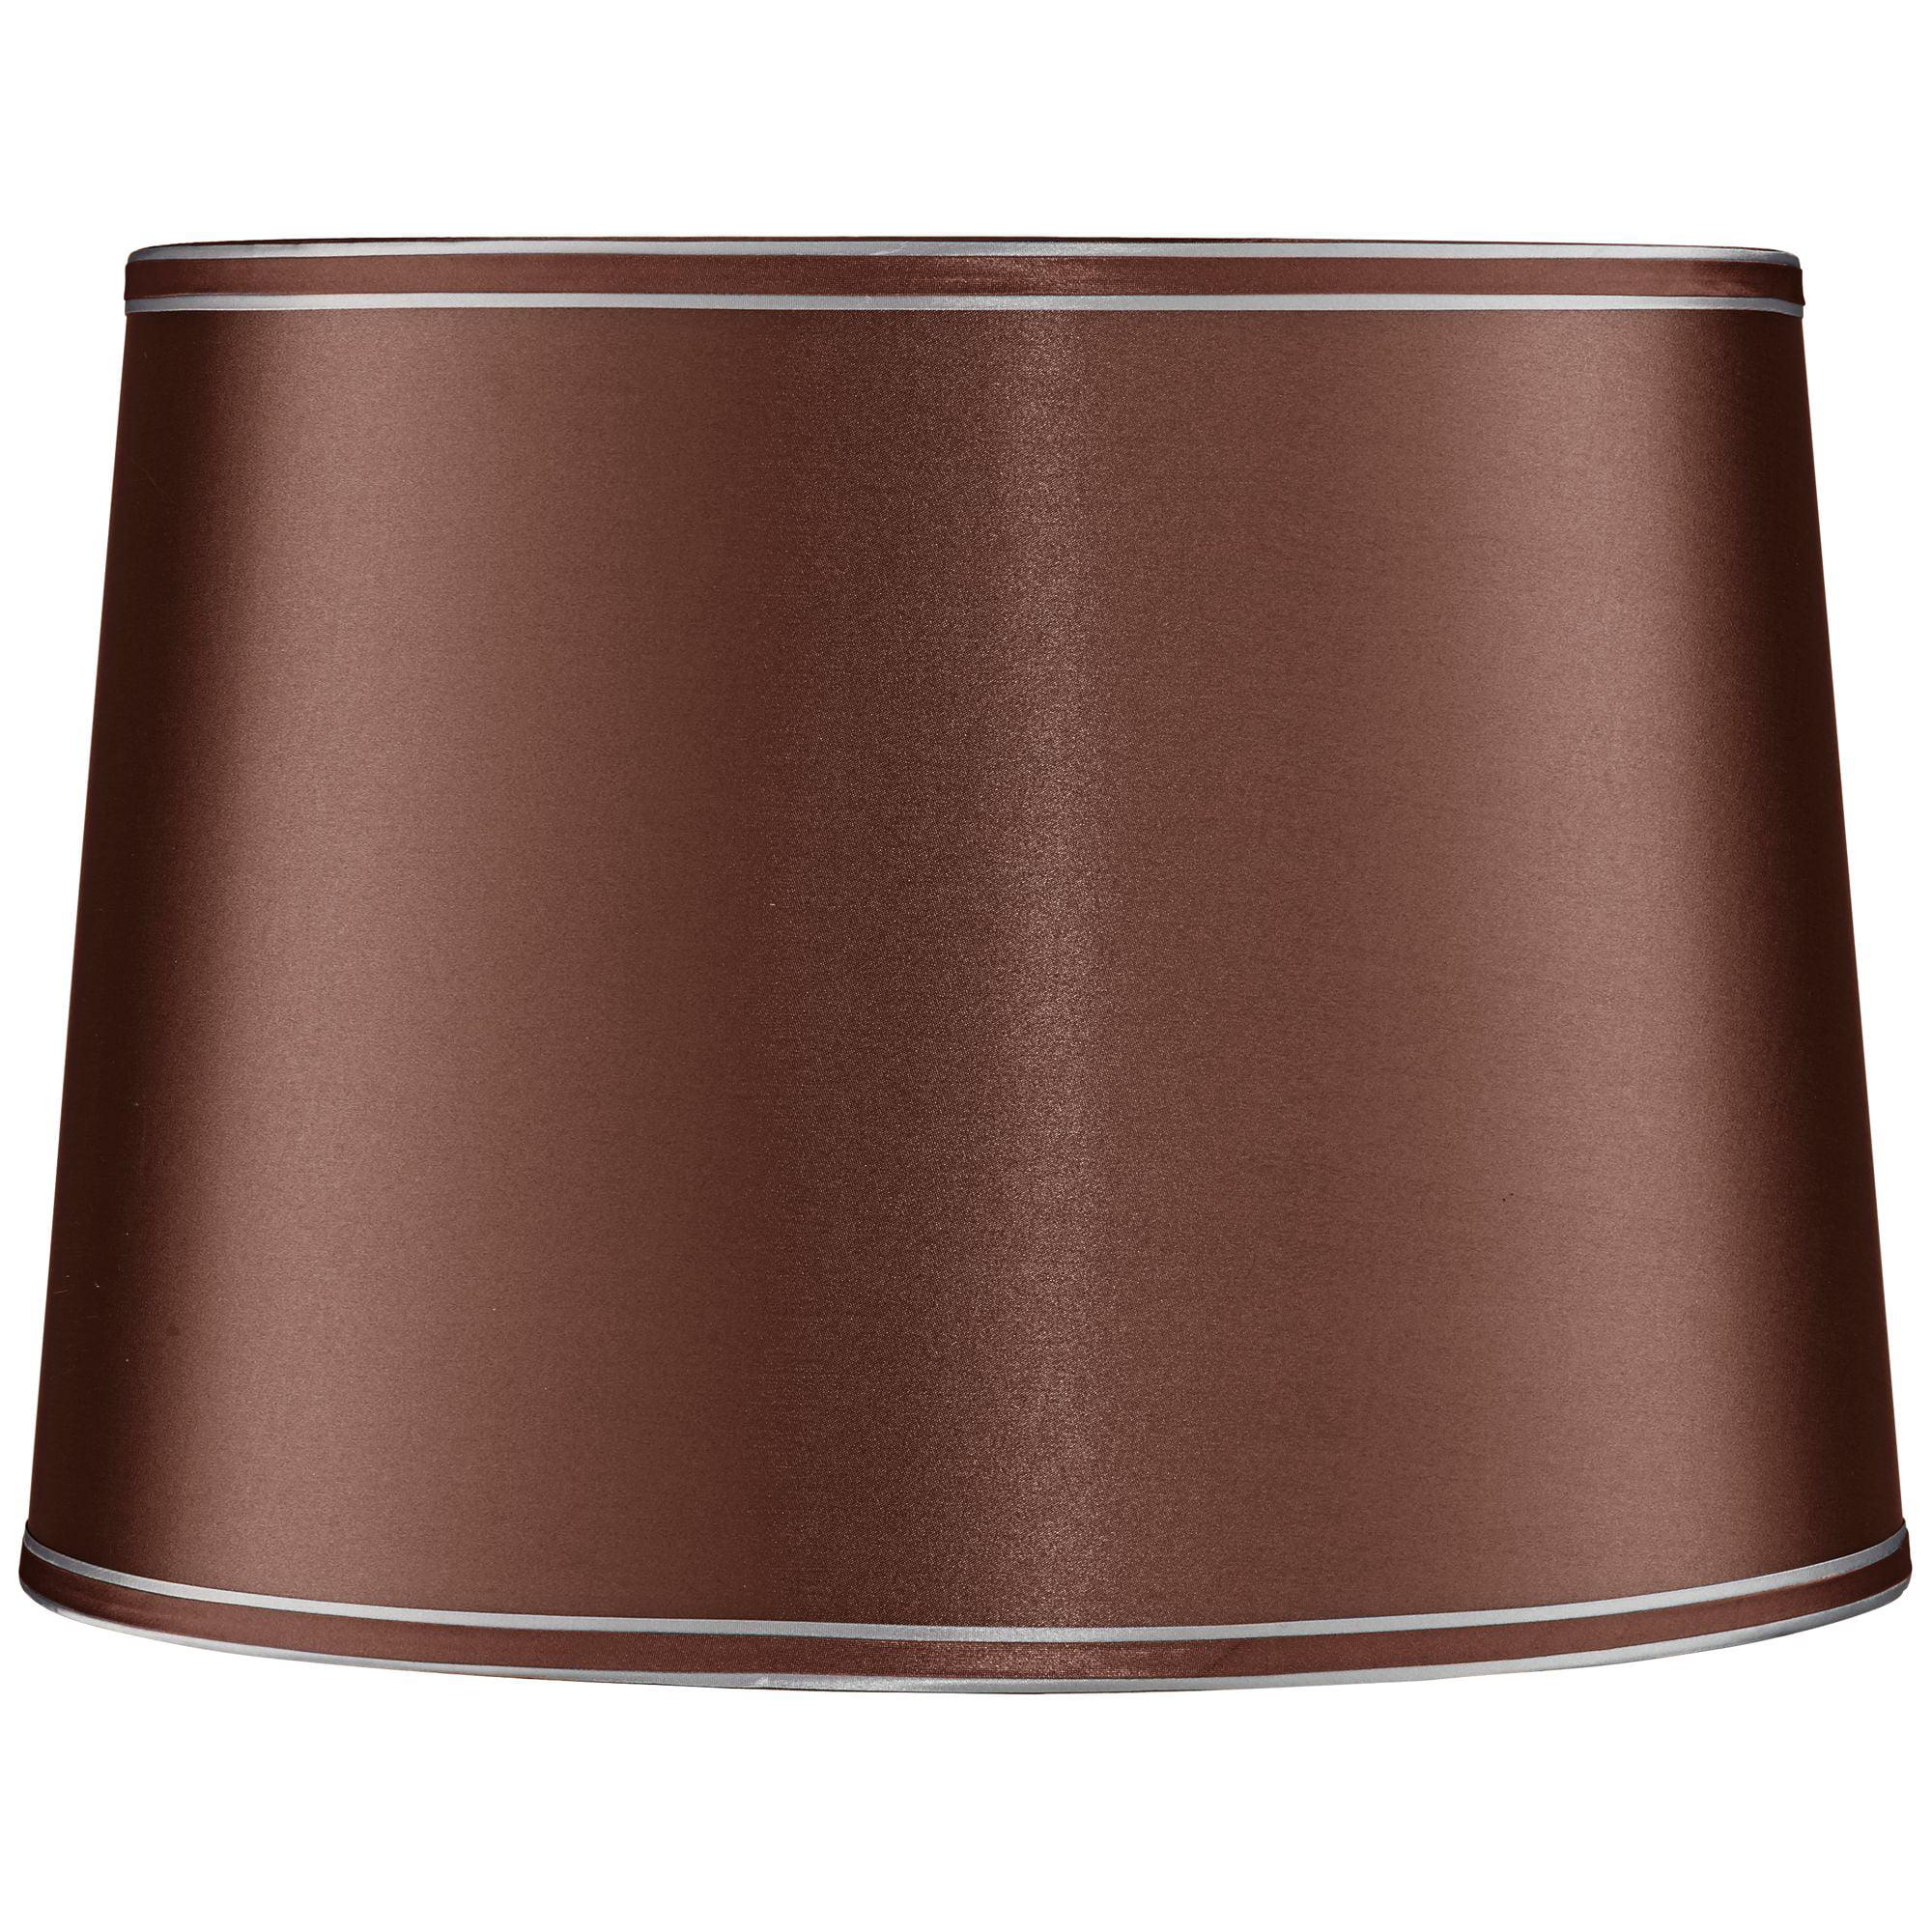 Springcrest Soft Brown Drum Lamp Shade 14x16x11 (Spider)